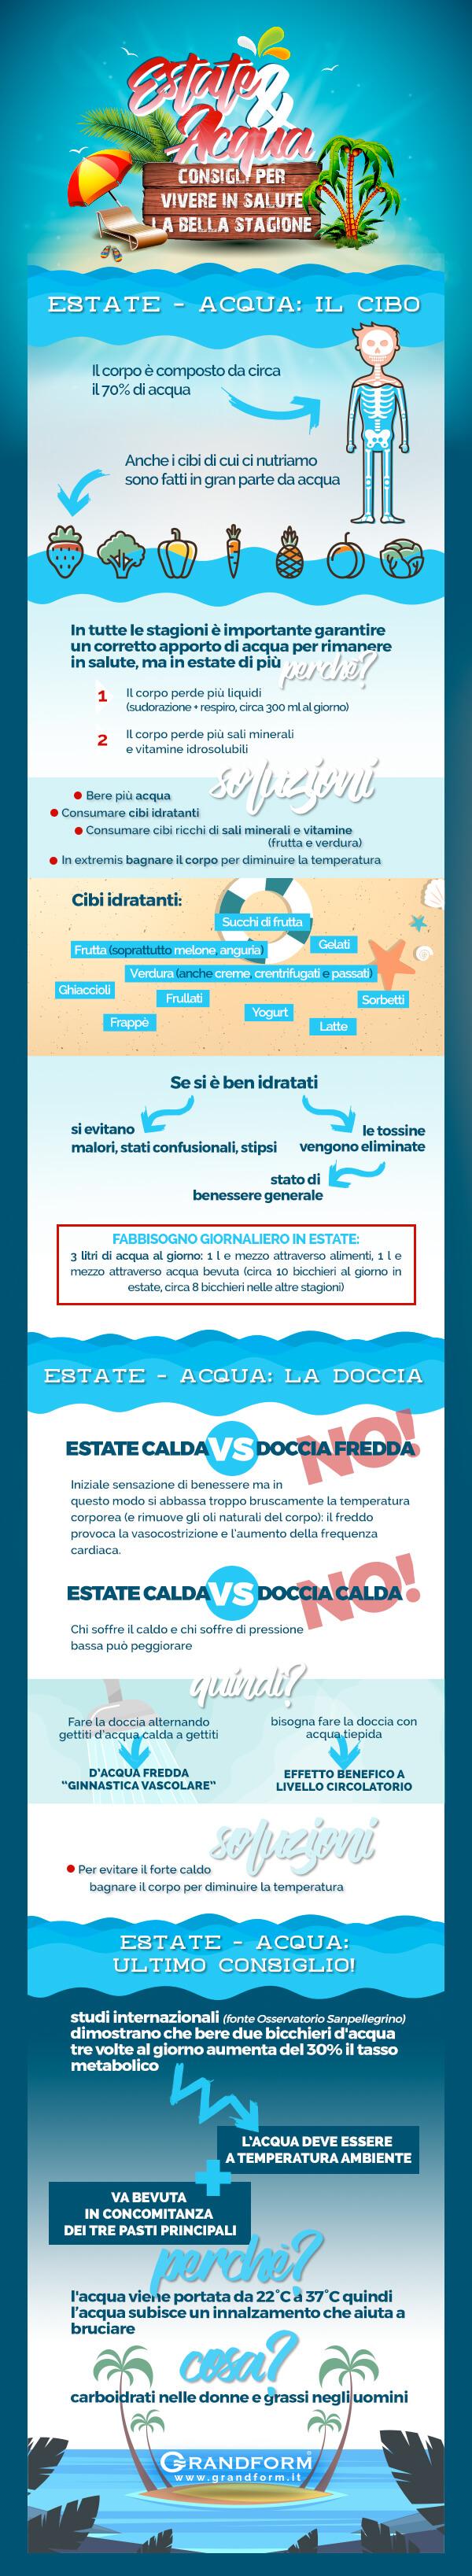 Estate Acqua Uguale Benessere Scopri L Infografica Per Vivere In Salute La Bella Stagione Grandform